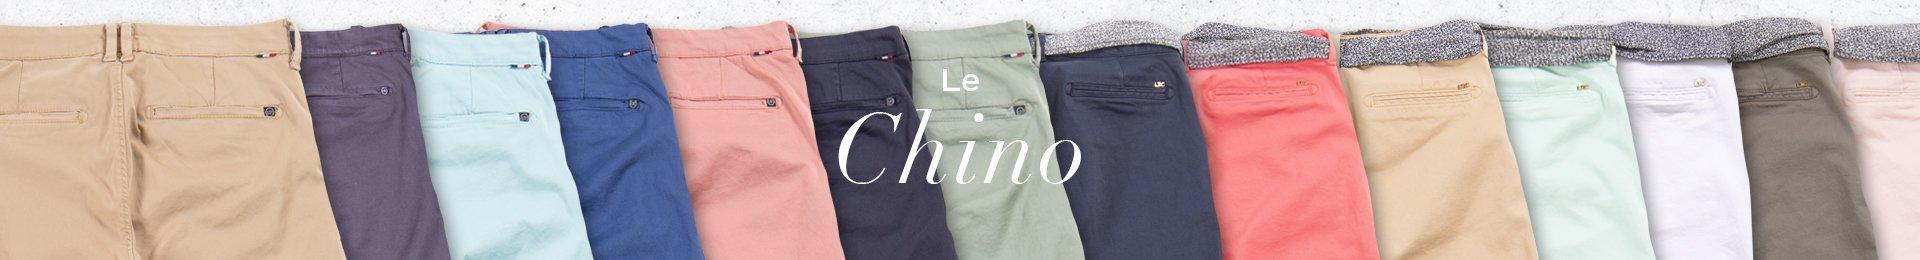 Le Chino